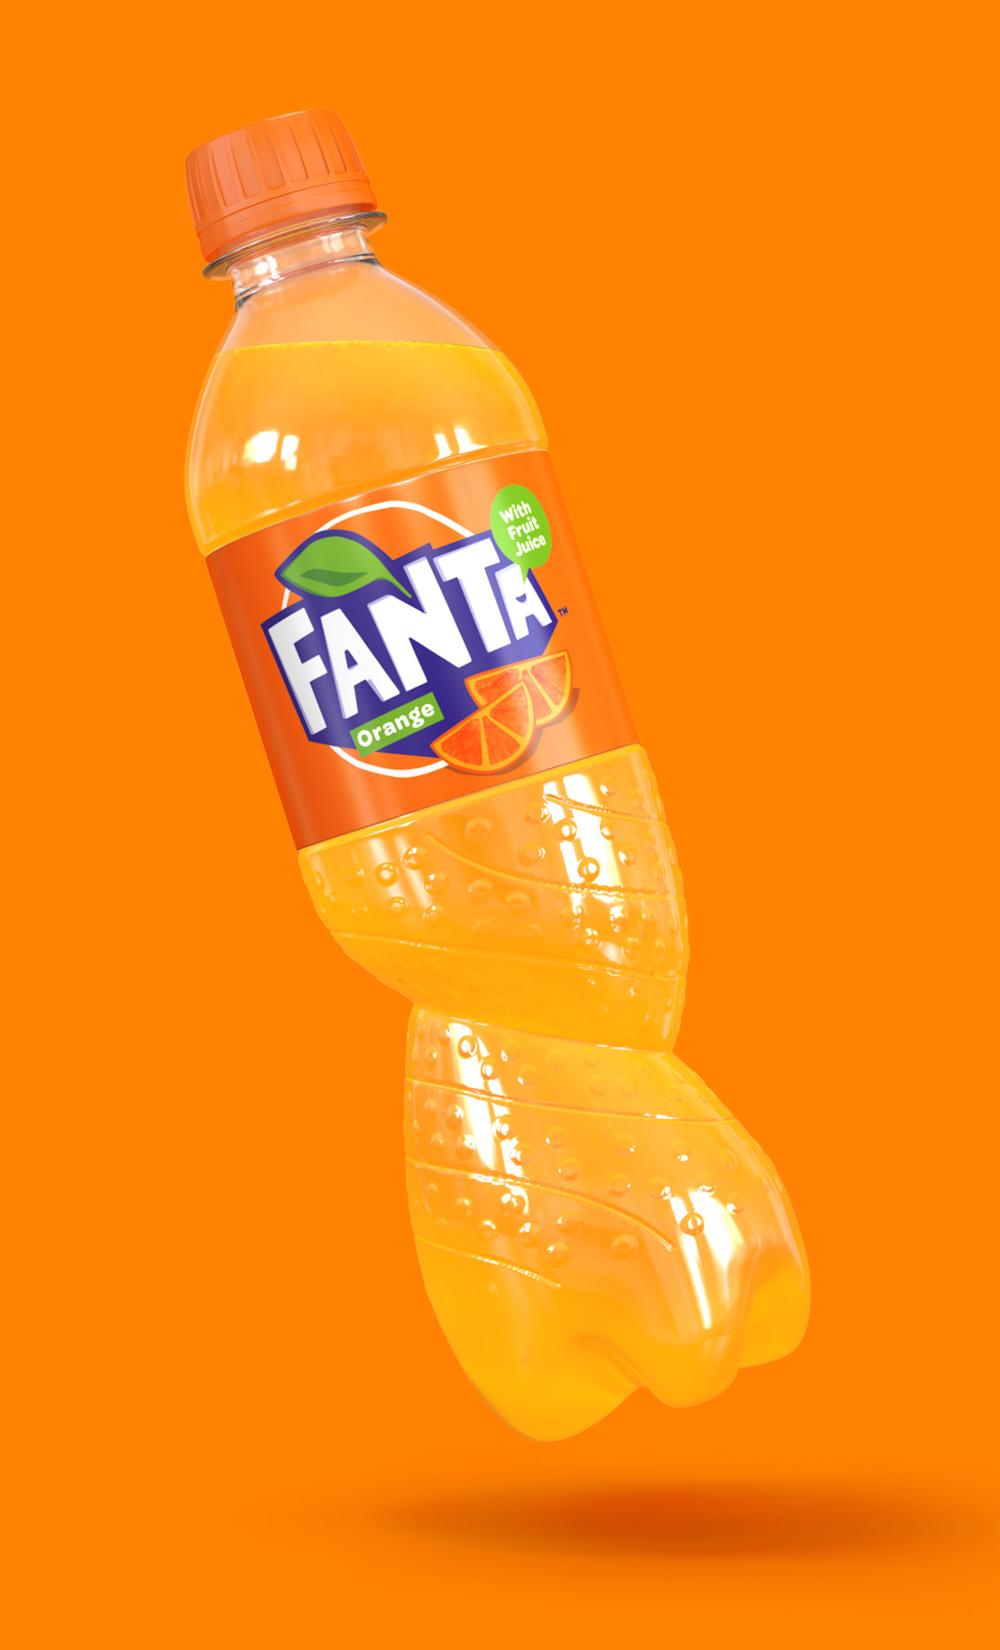 芬达汽水(Fanta)是1940年代在欧洲开始风行的饮料,上市以来深受广大消费者欢迎。风靡20年,于1960年被可口可乐公司所并购。并在原基础上加以改进。出现了橘子、草莓、葡萄、西瓜、青苹果、水蜜桃、青柠等众多口味。 随着跟进,我总是喜欢阅读我自己的评论,看看我的意见是否保持一致。 我很高兴地报告,我几乎一年前就像现在一样,对于这个标志的感觉一样:伟大的排版,可爱的叶子。 我现在可以更宽松,因为现在知道整个问题是把它从裁剪纸上拿出来,但是我仍然不喜欢它的形状,比例和阴影。 标志看起来很好,单色(叶片变得不